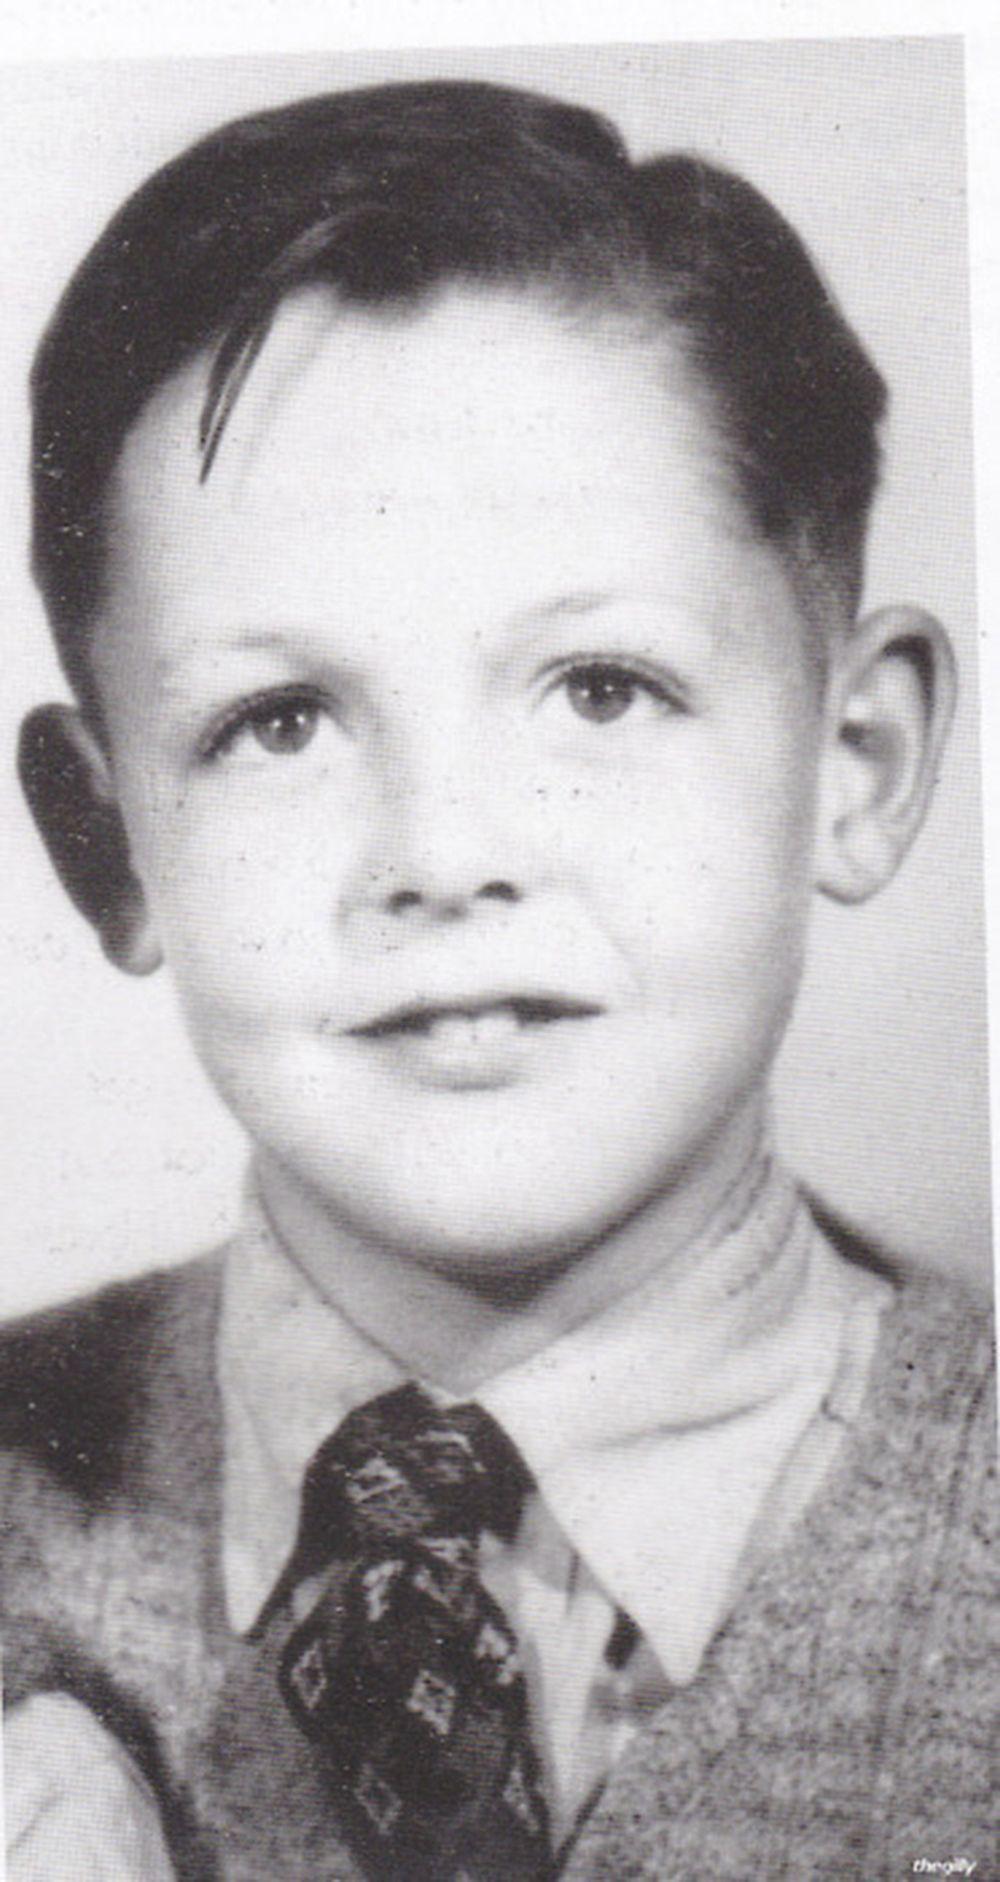 Paul McCartney de pequeño.